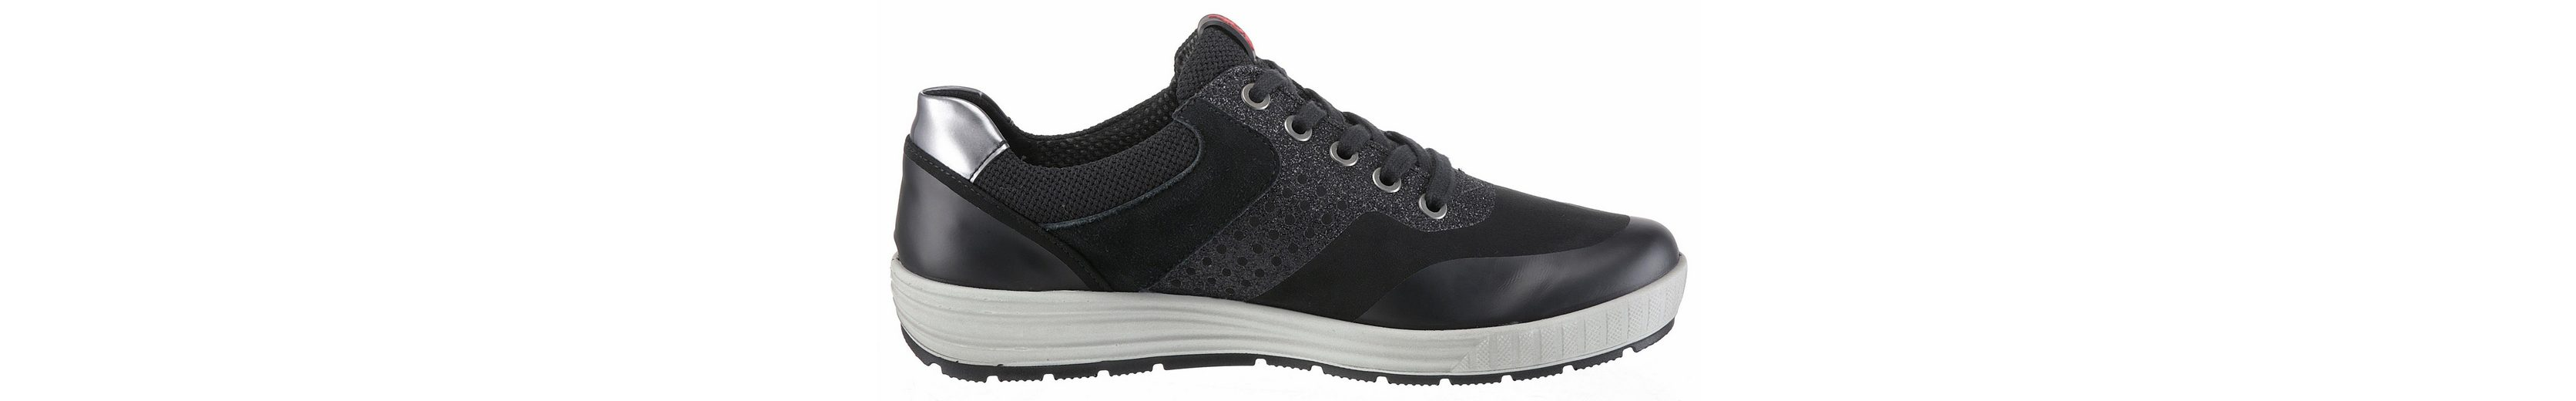 Ara Sneaker, in Schuhweite G (weit)